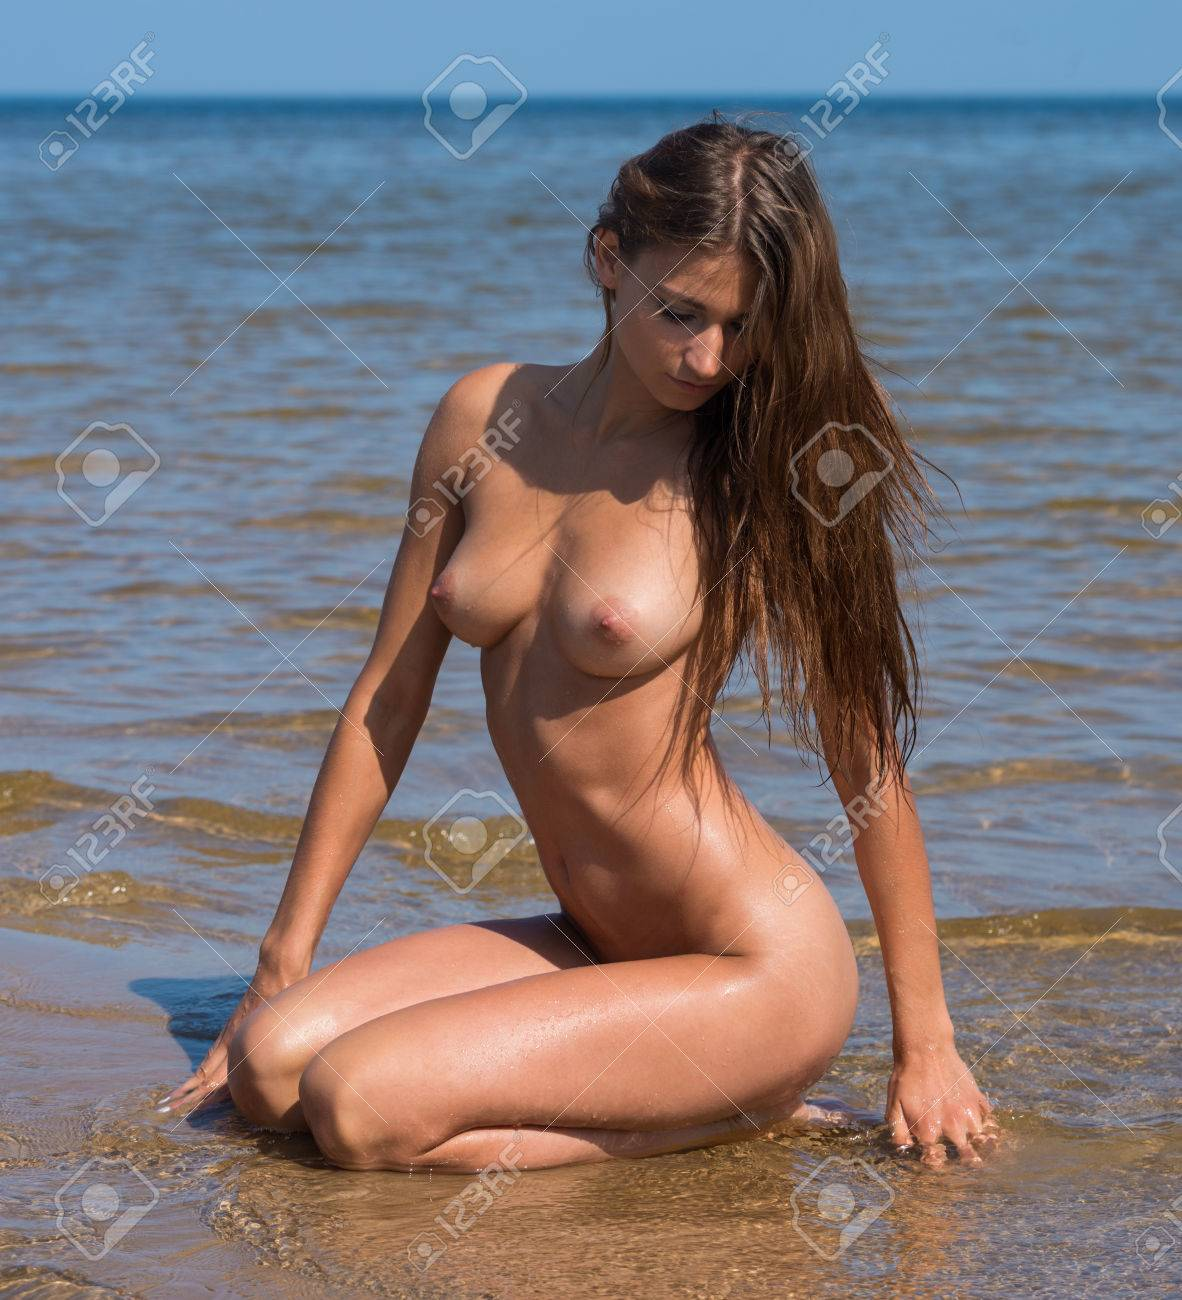 Frau jung nackt Das Mädchen